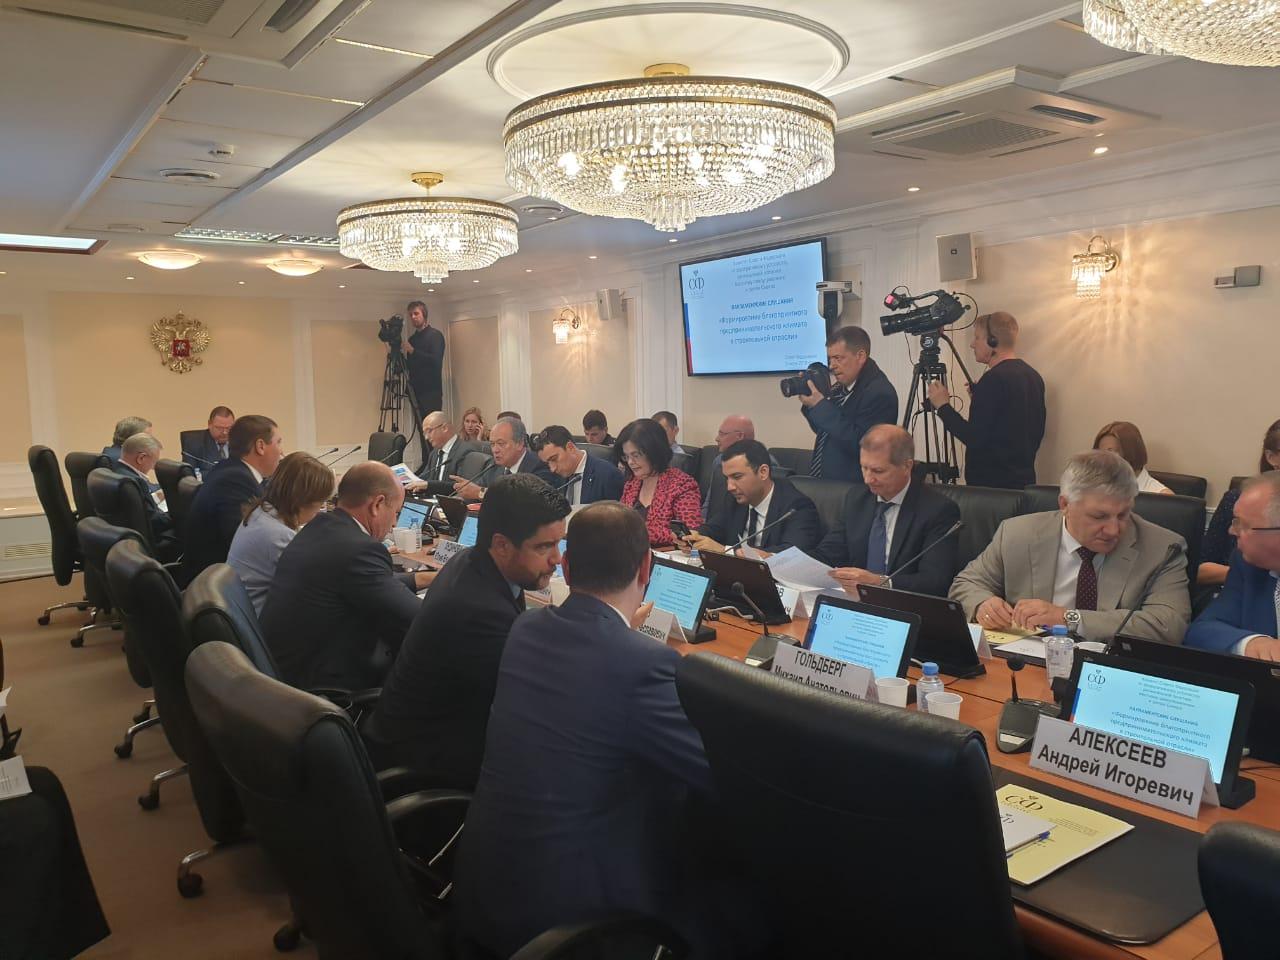 Начальник юридического отдела М.Шацкая приняла участие в парламентских слушаниях Совета Федерации РФ ASONO